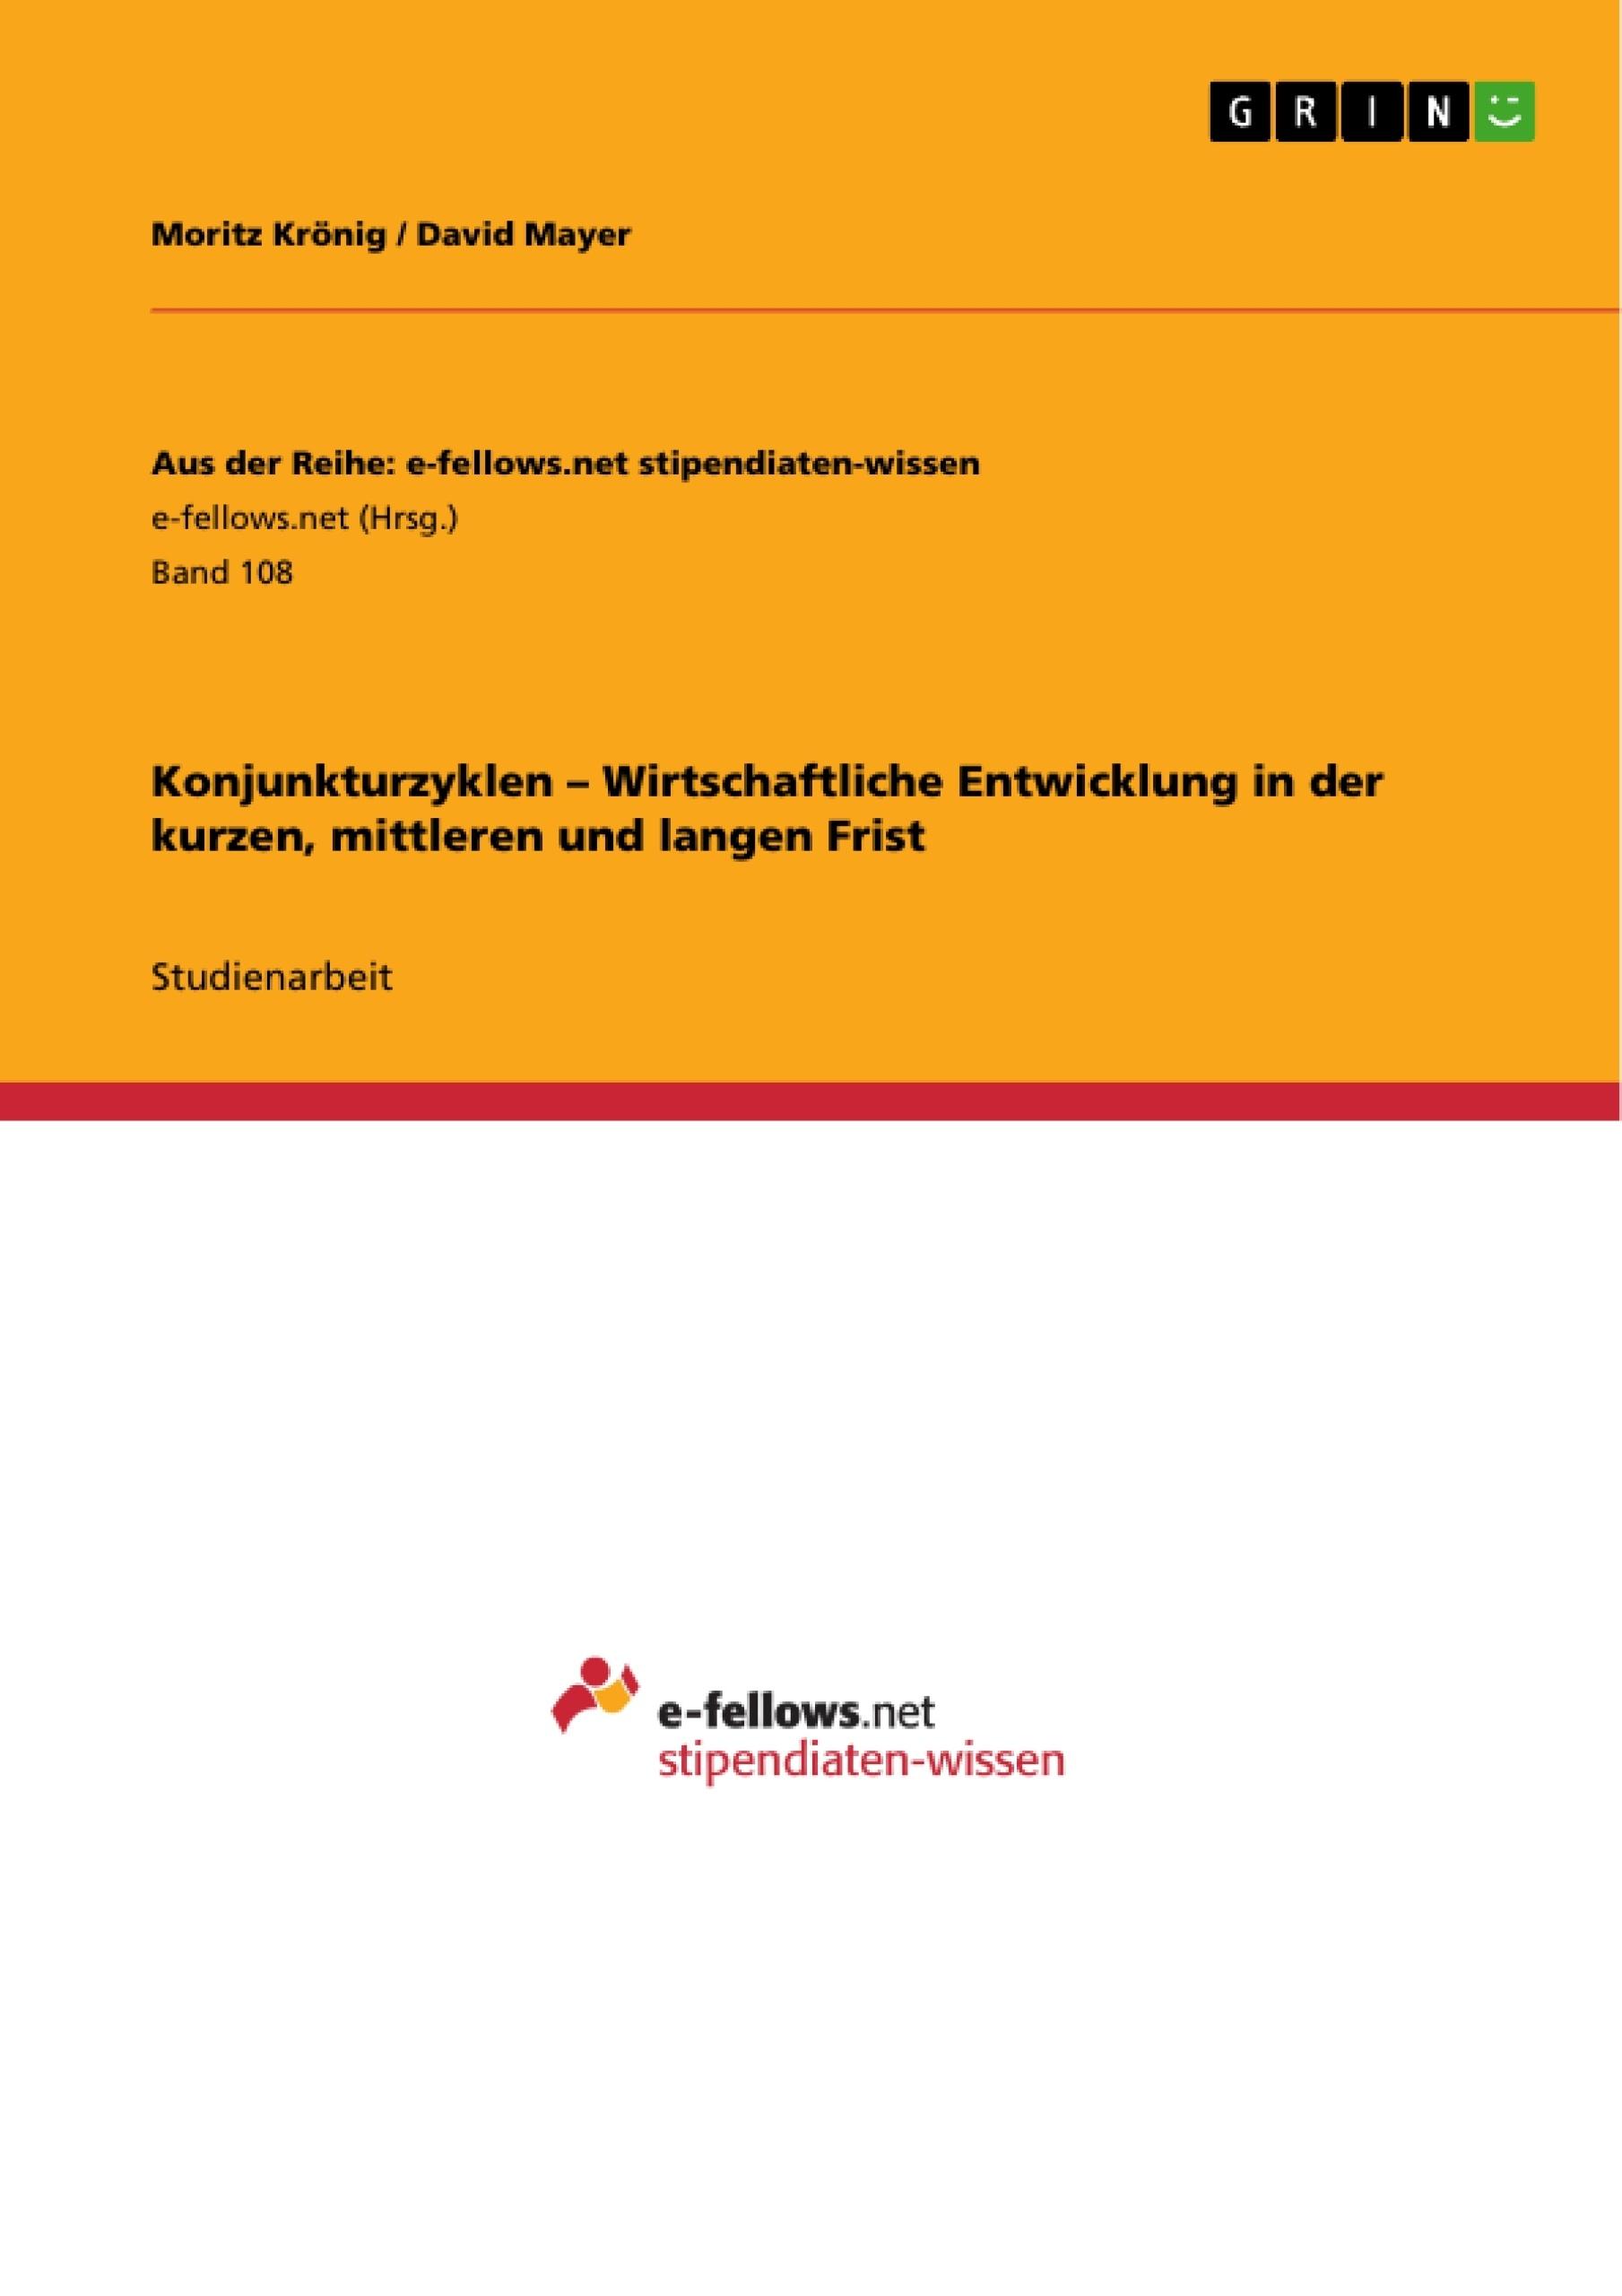 Titel: Konjunkturzyklen – Wirtschaftliche Entwicklung in der kurzen, mittleren und langen Frist